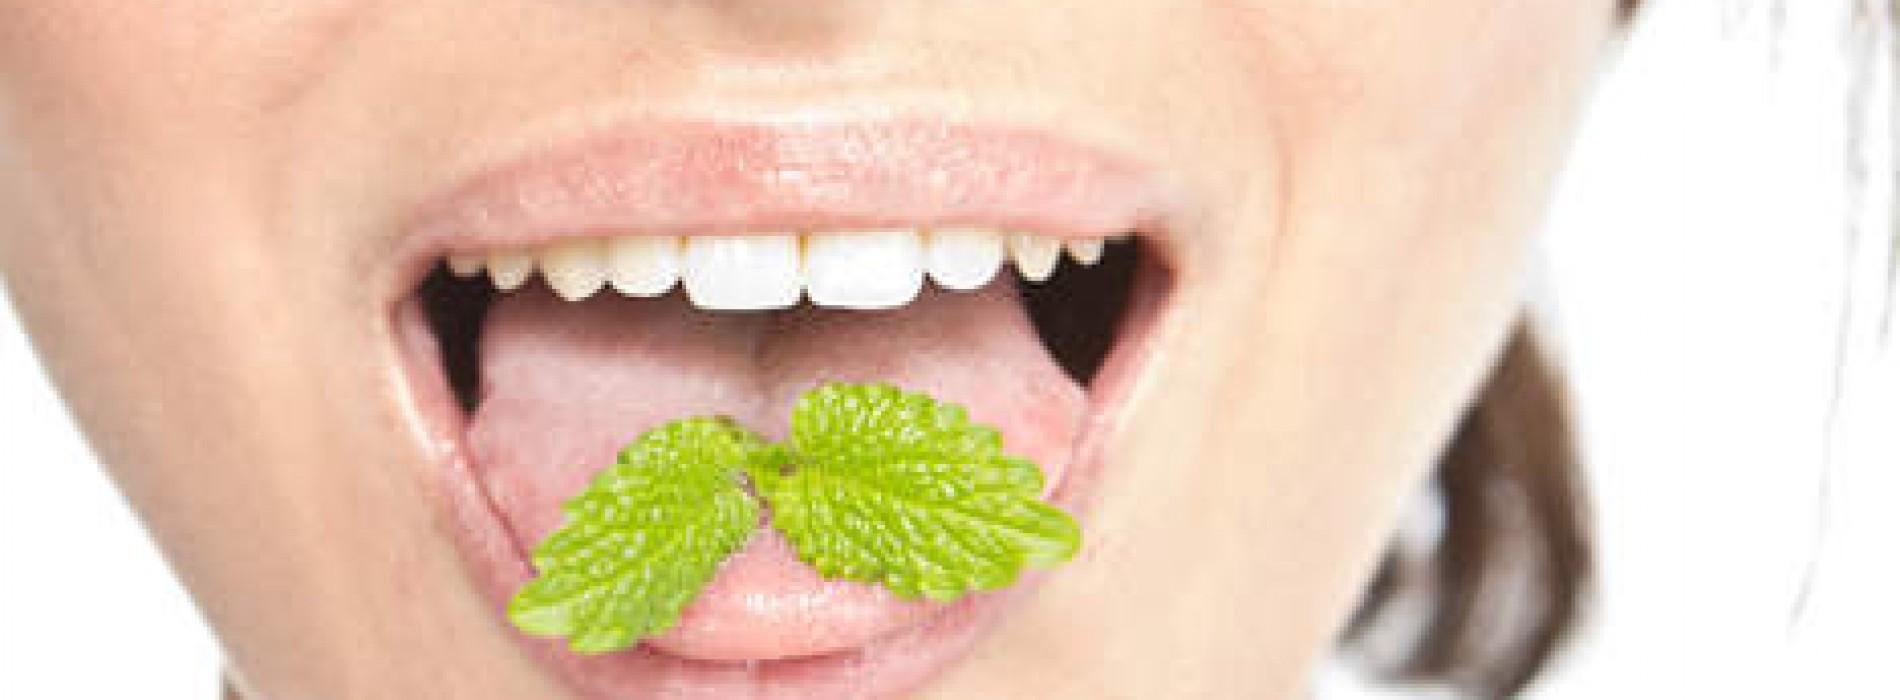 De snelste oplossing tegen slechte adem (als je muntjes bent vergeten)